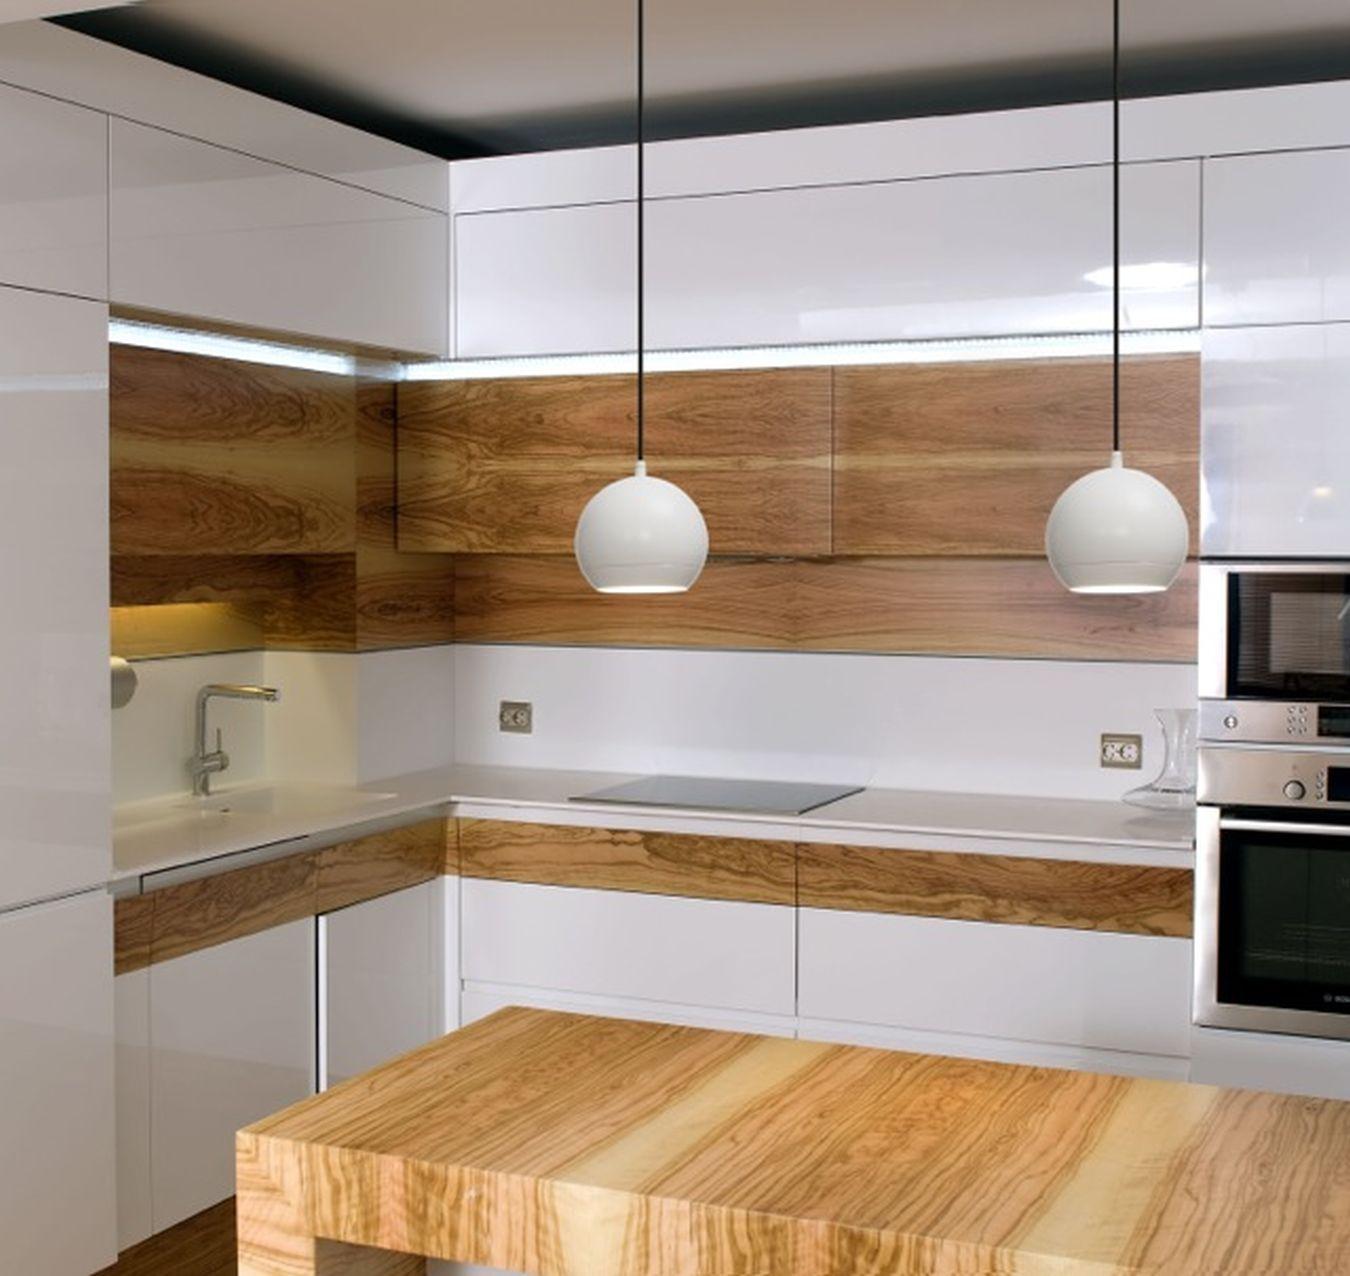 Iluminacion led cocinas que necesito for Lamparas cocinas rusticas